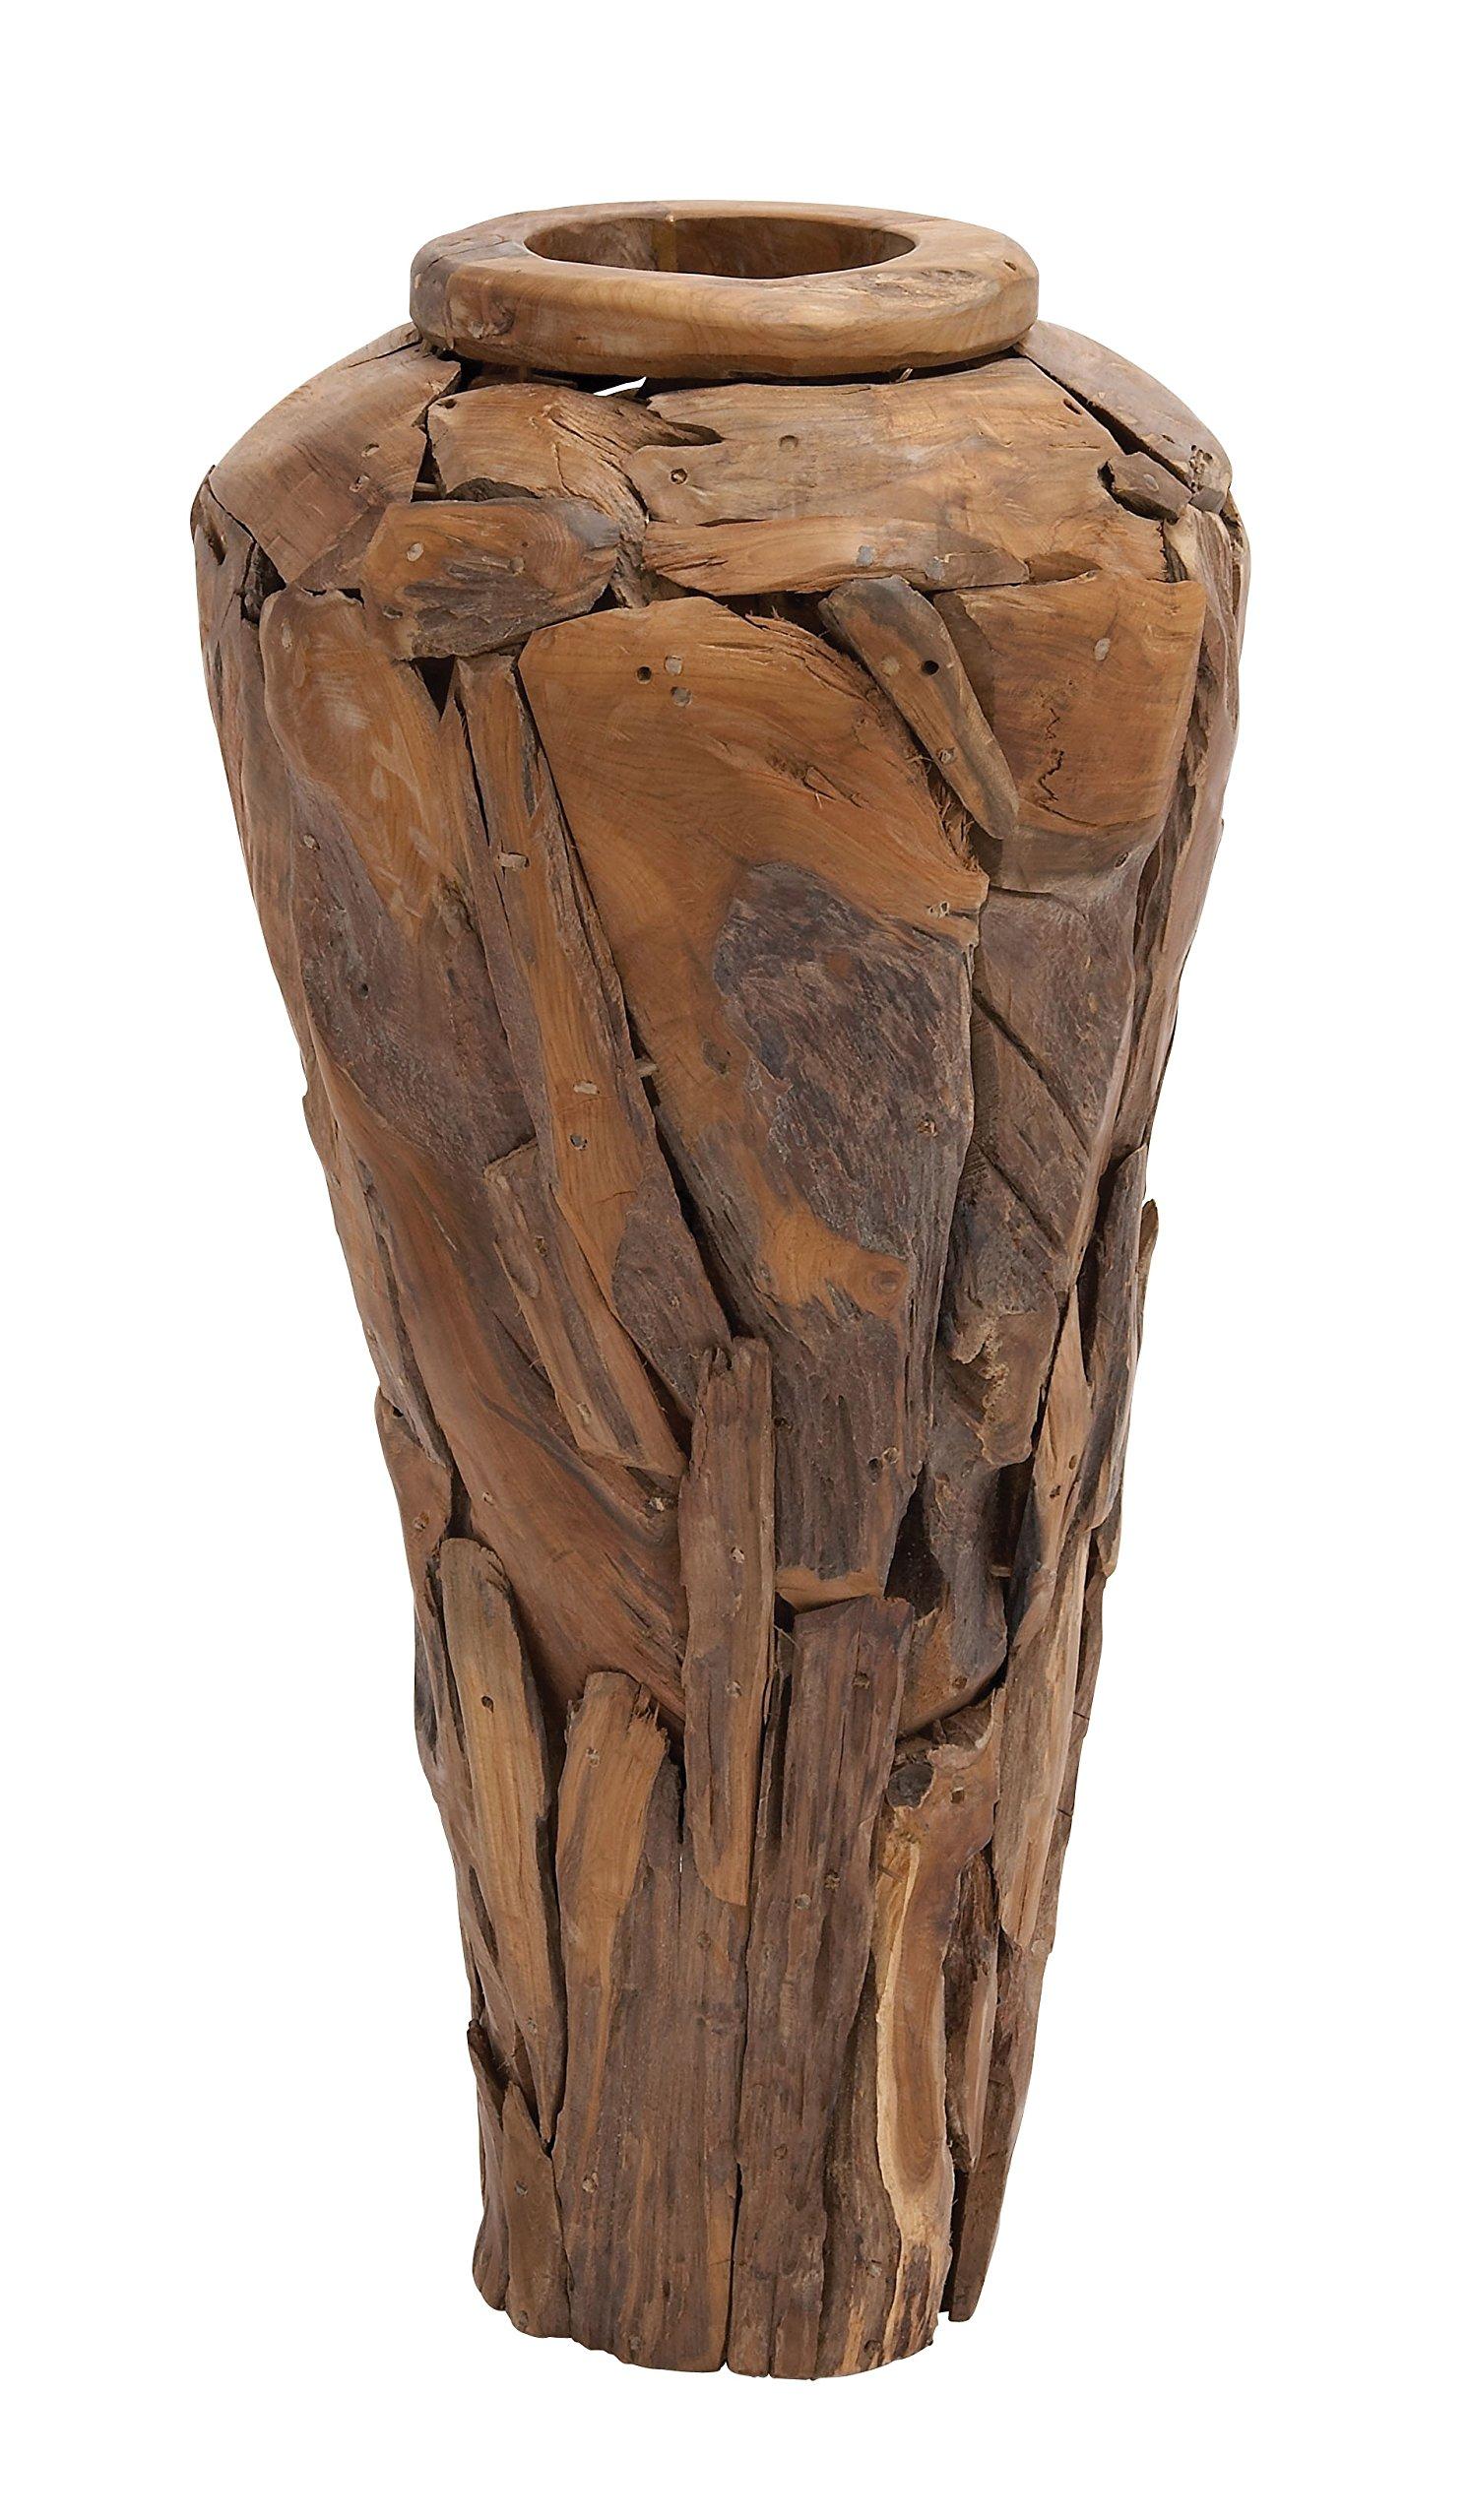 Deco 79 Teak Wood Vase, 19 by 39-Inch